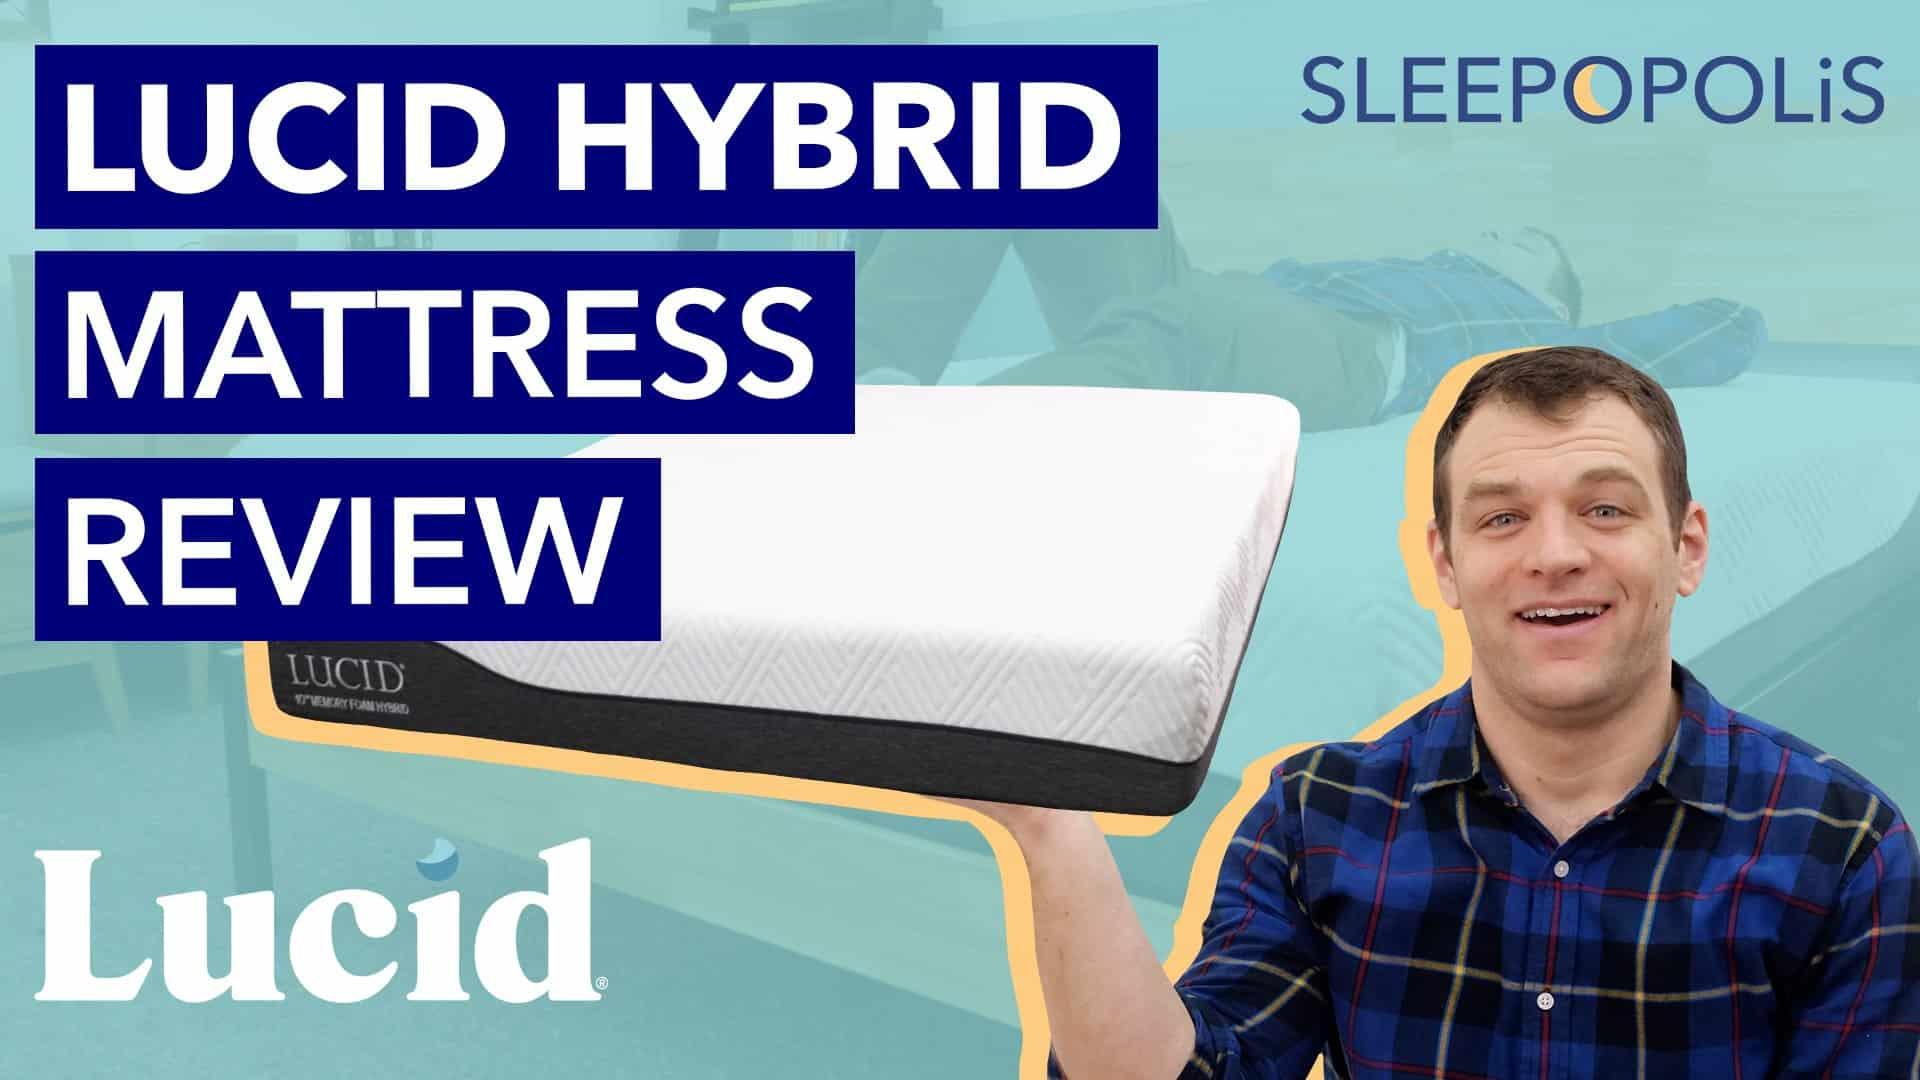 Lucid Hybrid Mattress Review 2021 Best Worst Qualities